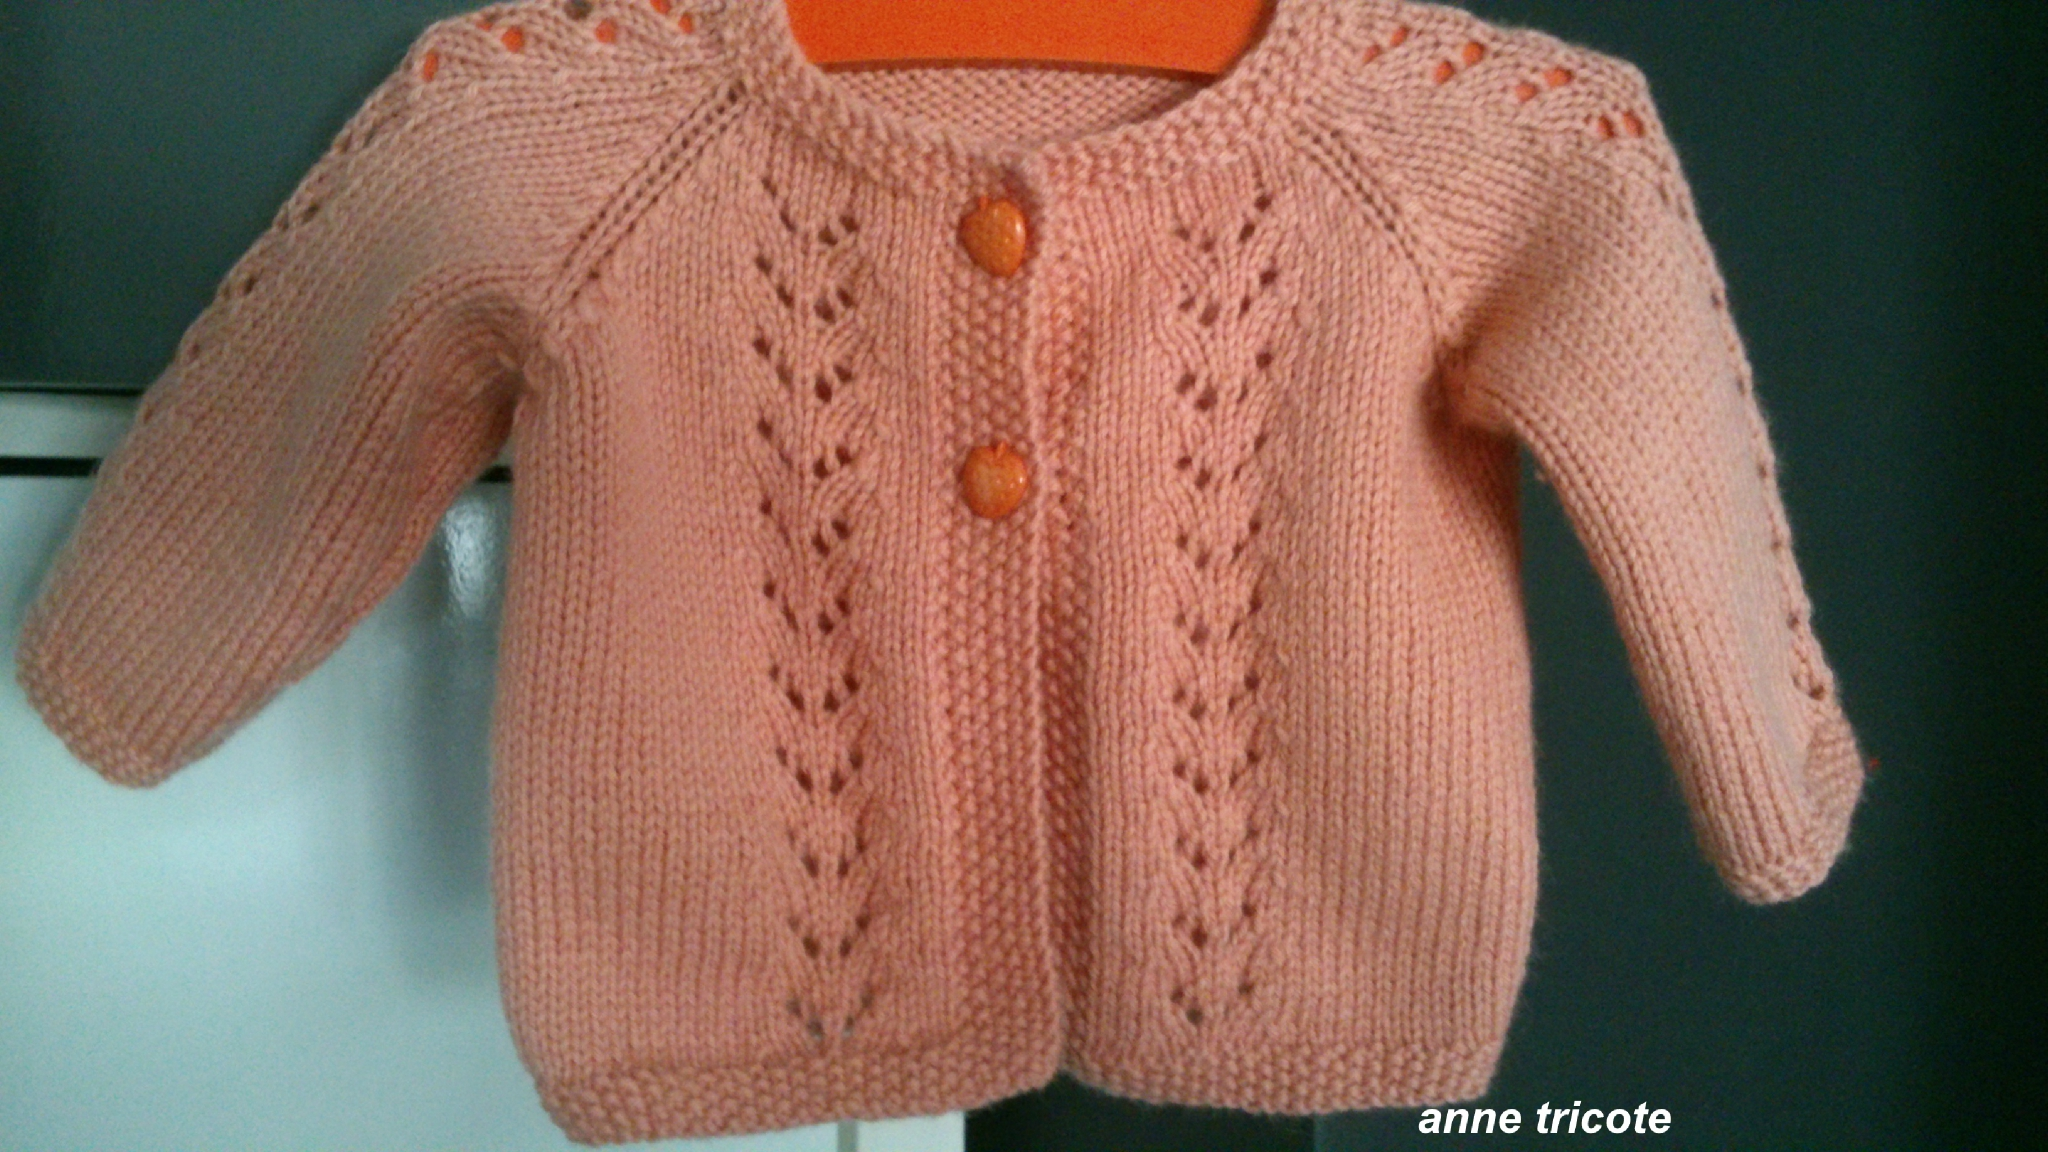 84459af57d17a Modele tricot robe fille 3 ans - altoservices